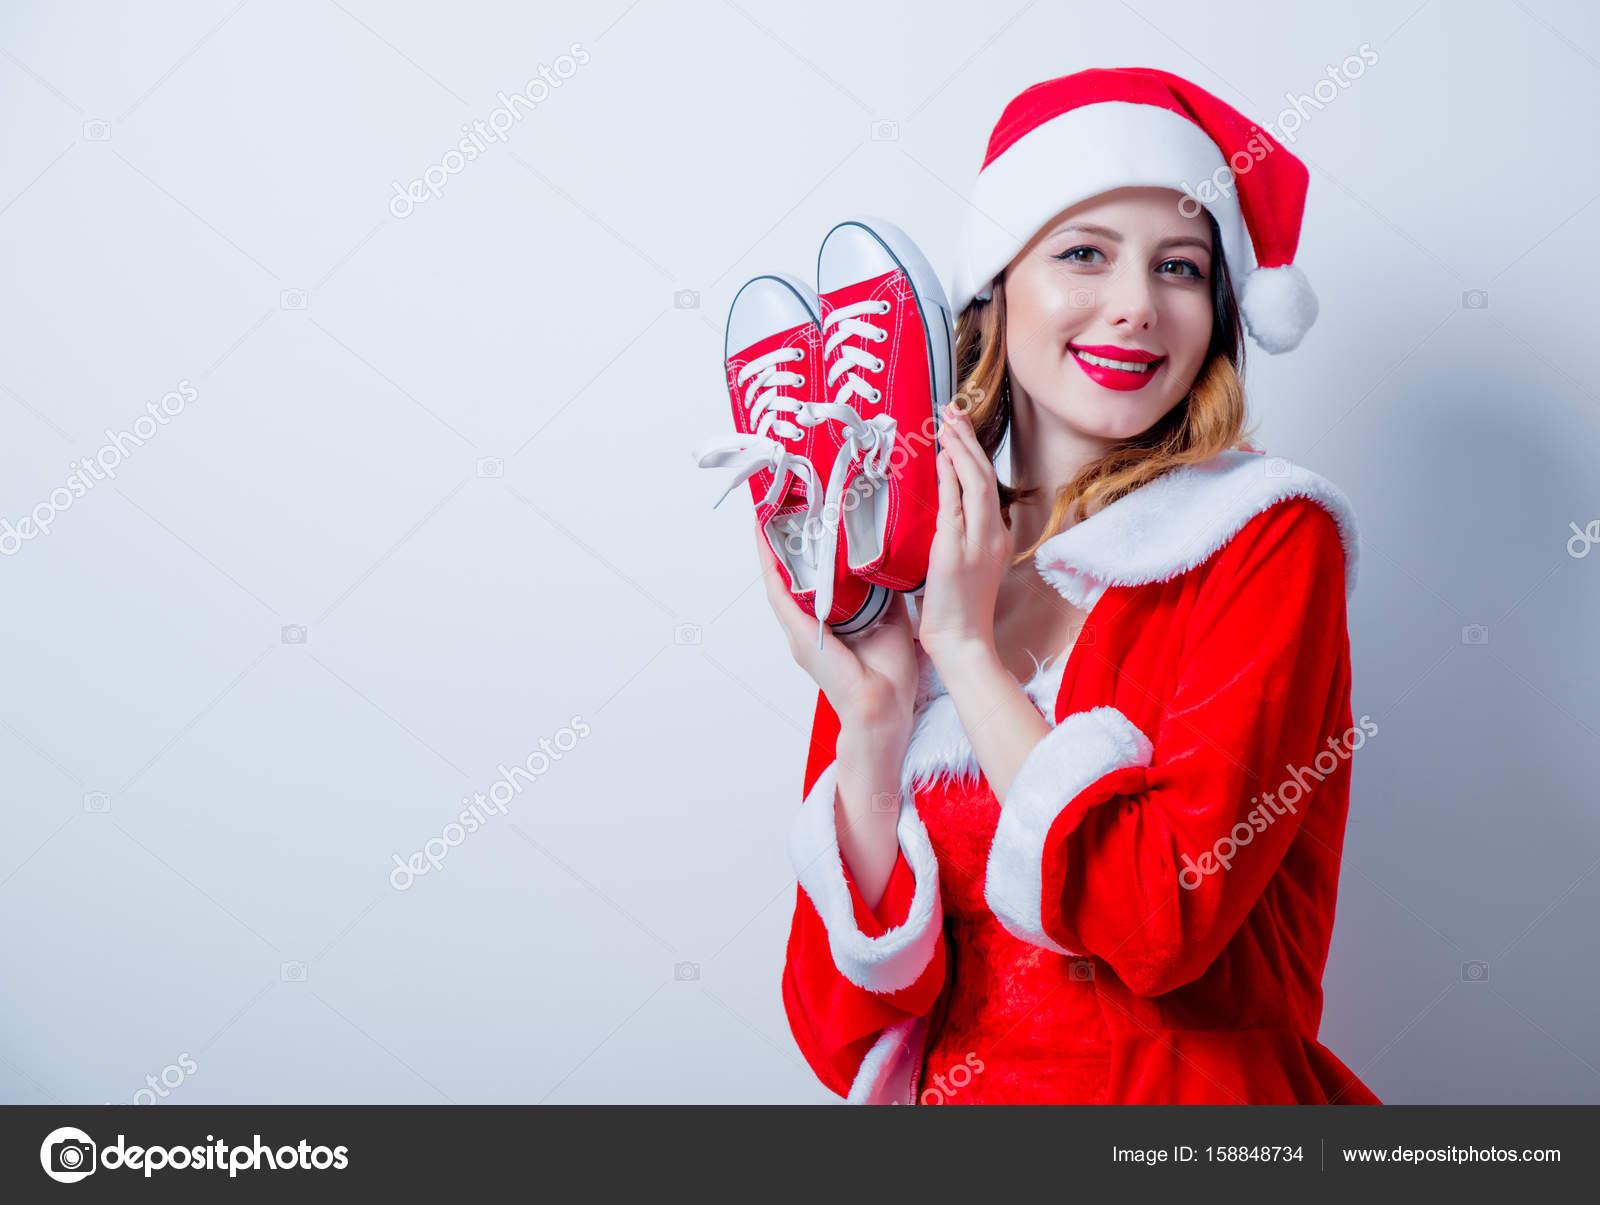 Сексуальные снегурочки в красной одежде